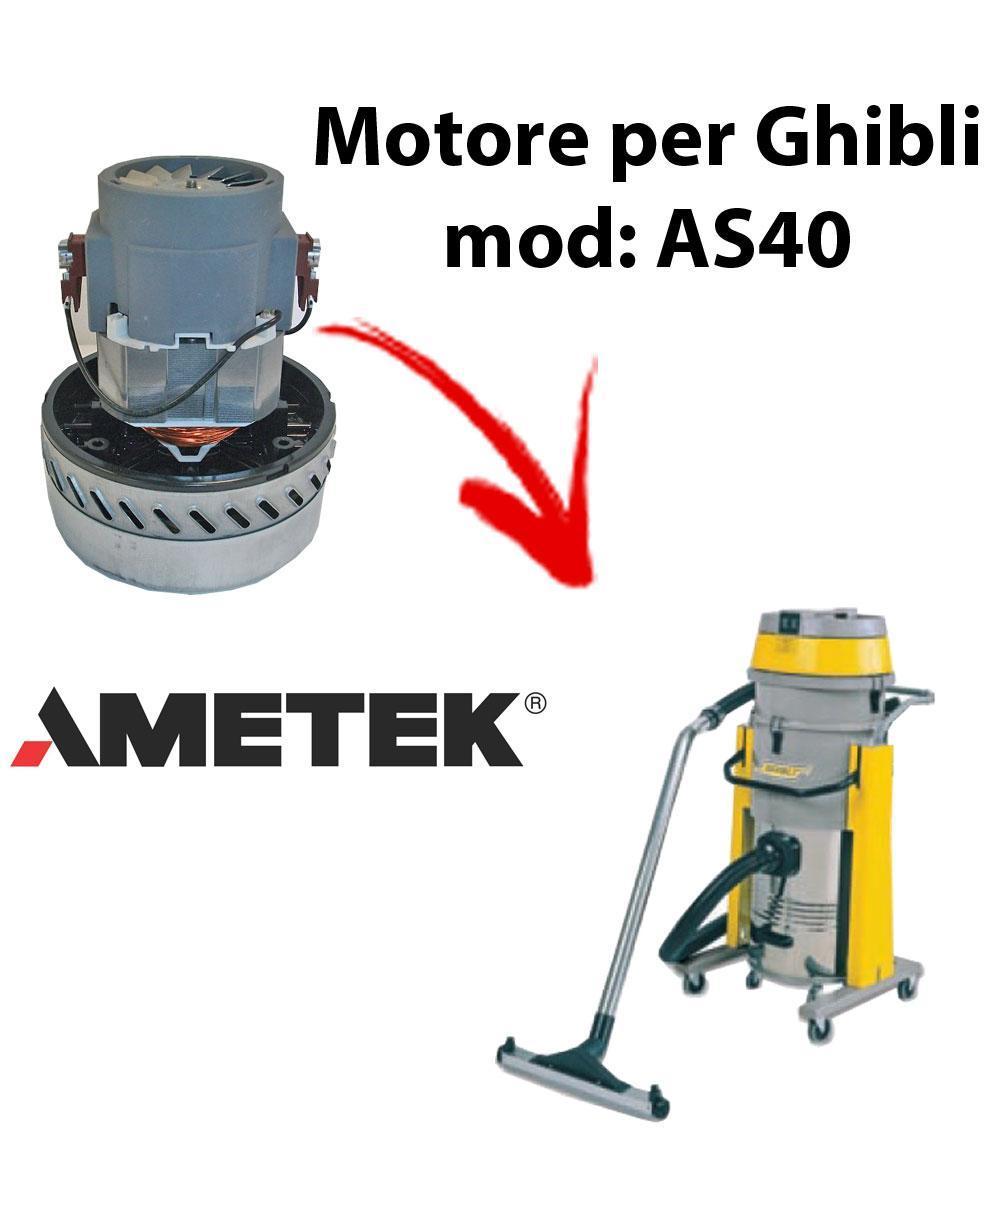 AS40  Vacuum motor Amatek for wet and dry vacuum cleaner GHIBLI